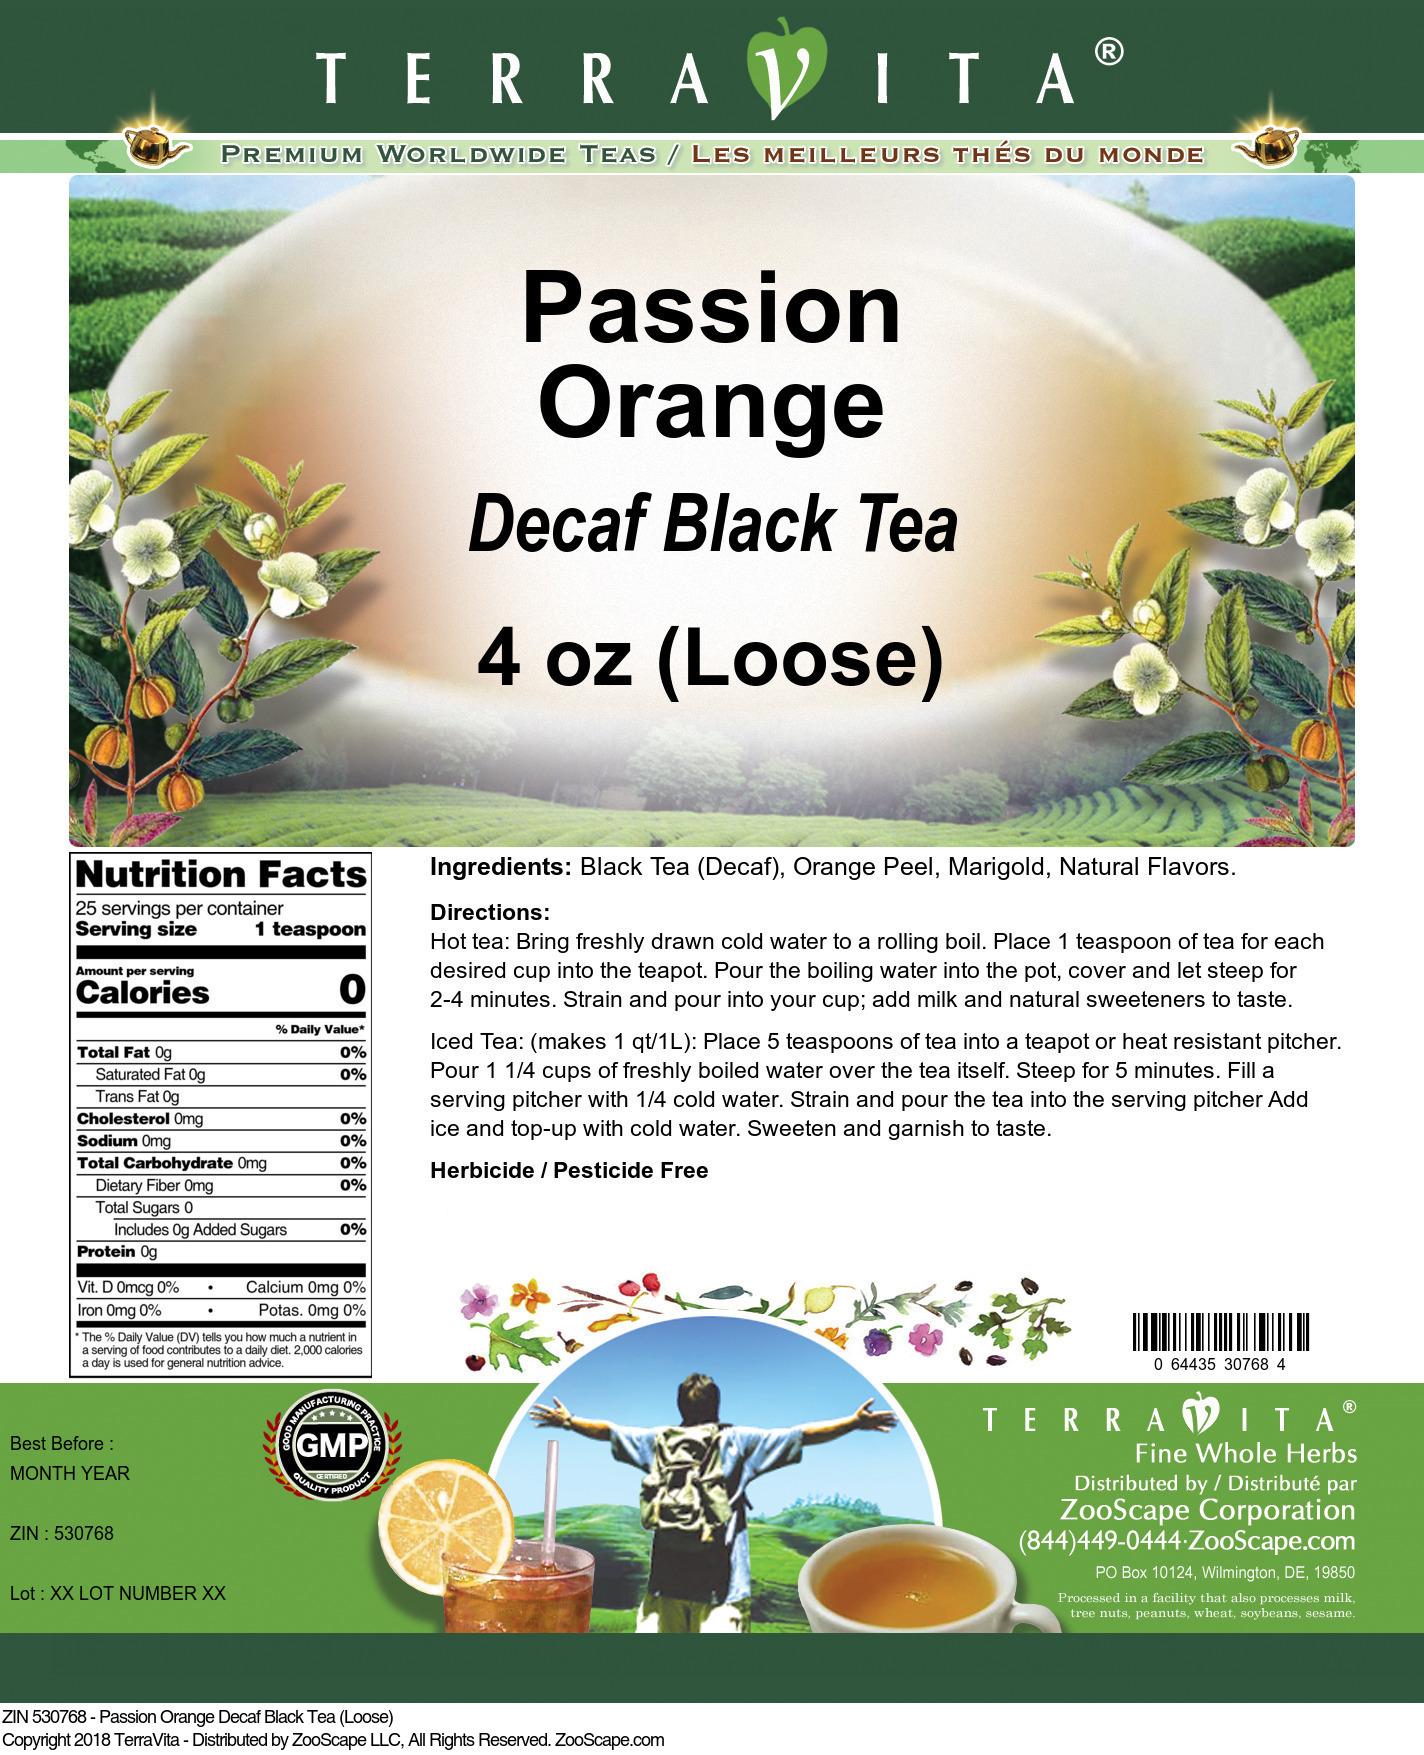 Passion Orange Decaf Black Tea